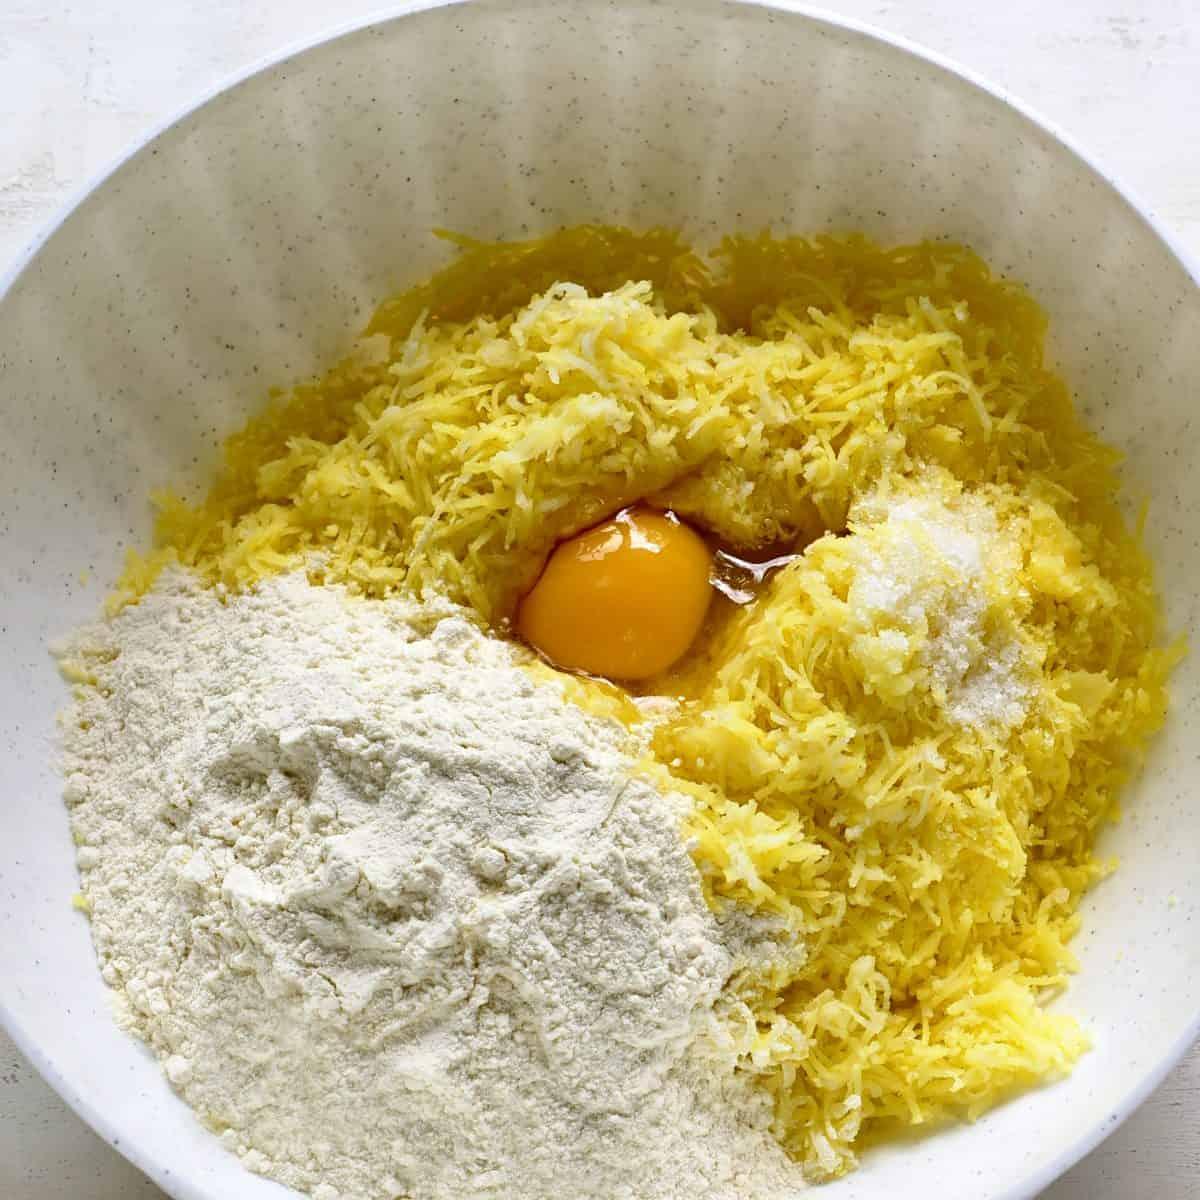 Making potato dough.